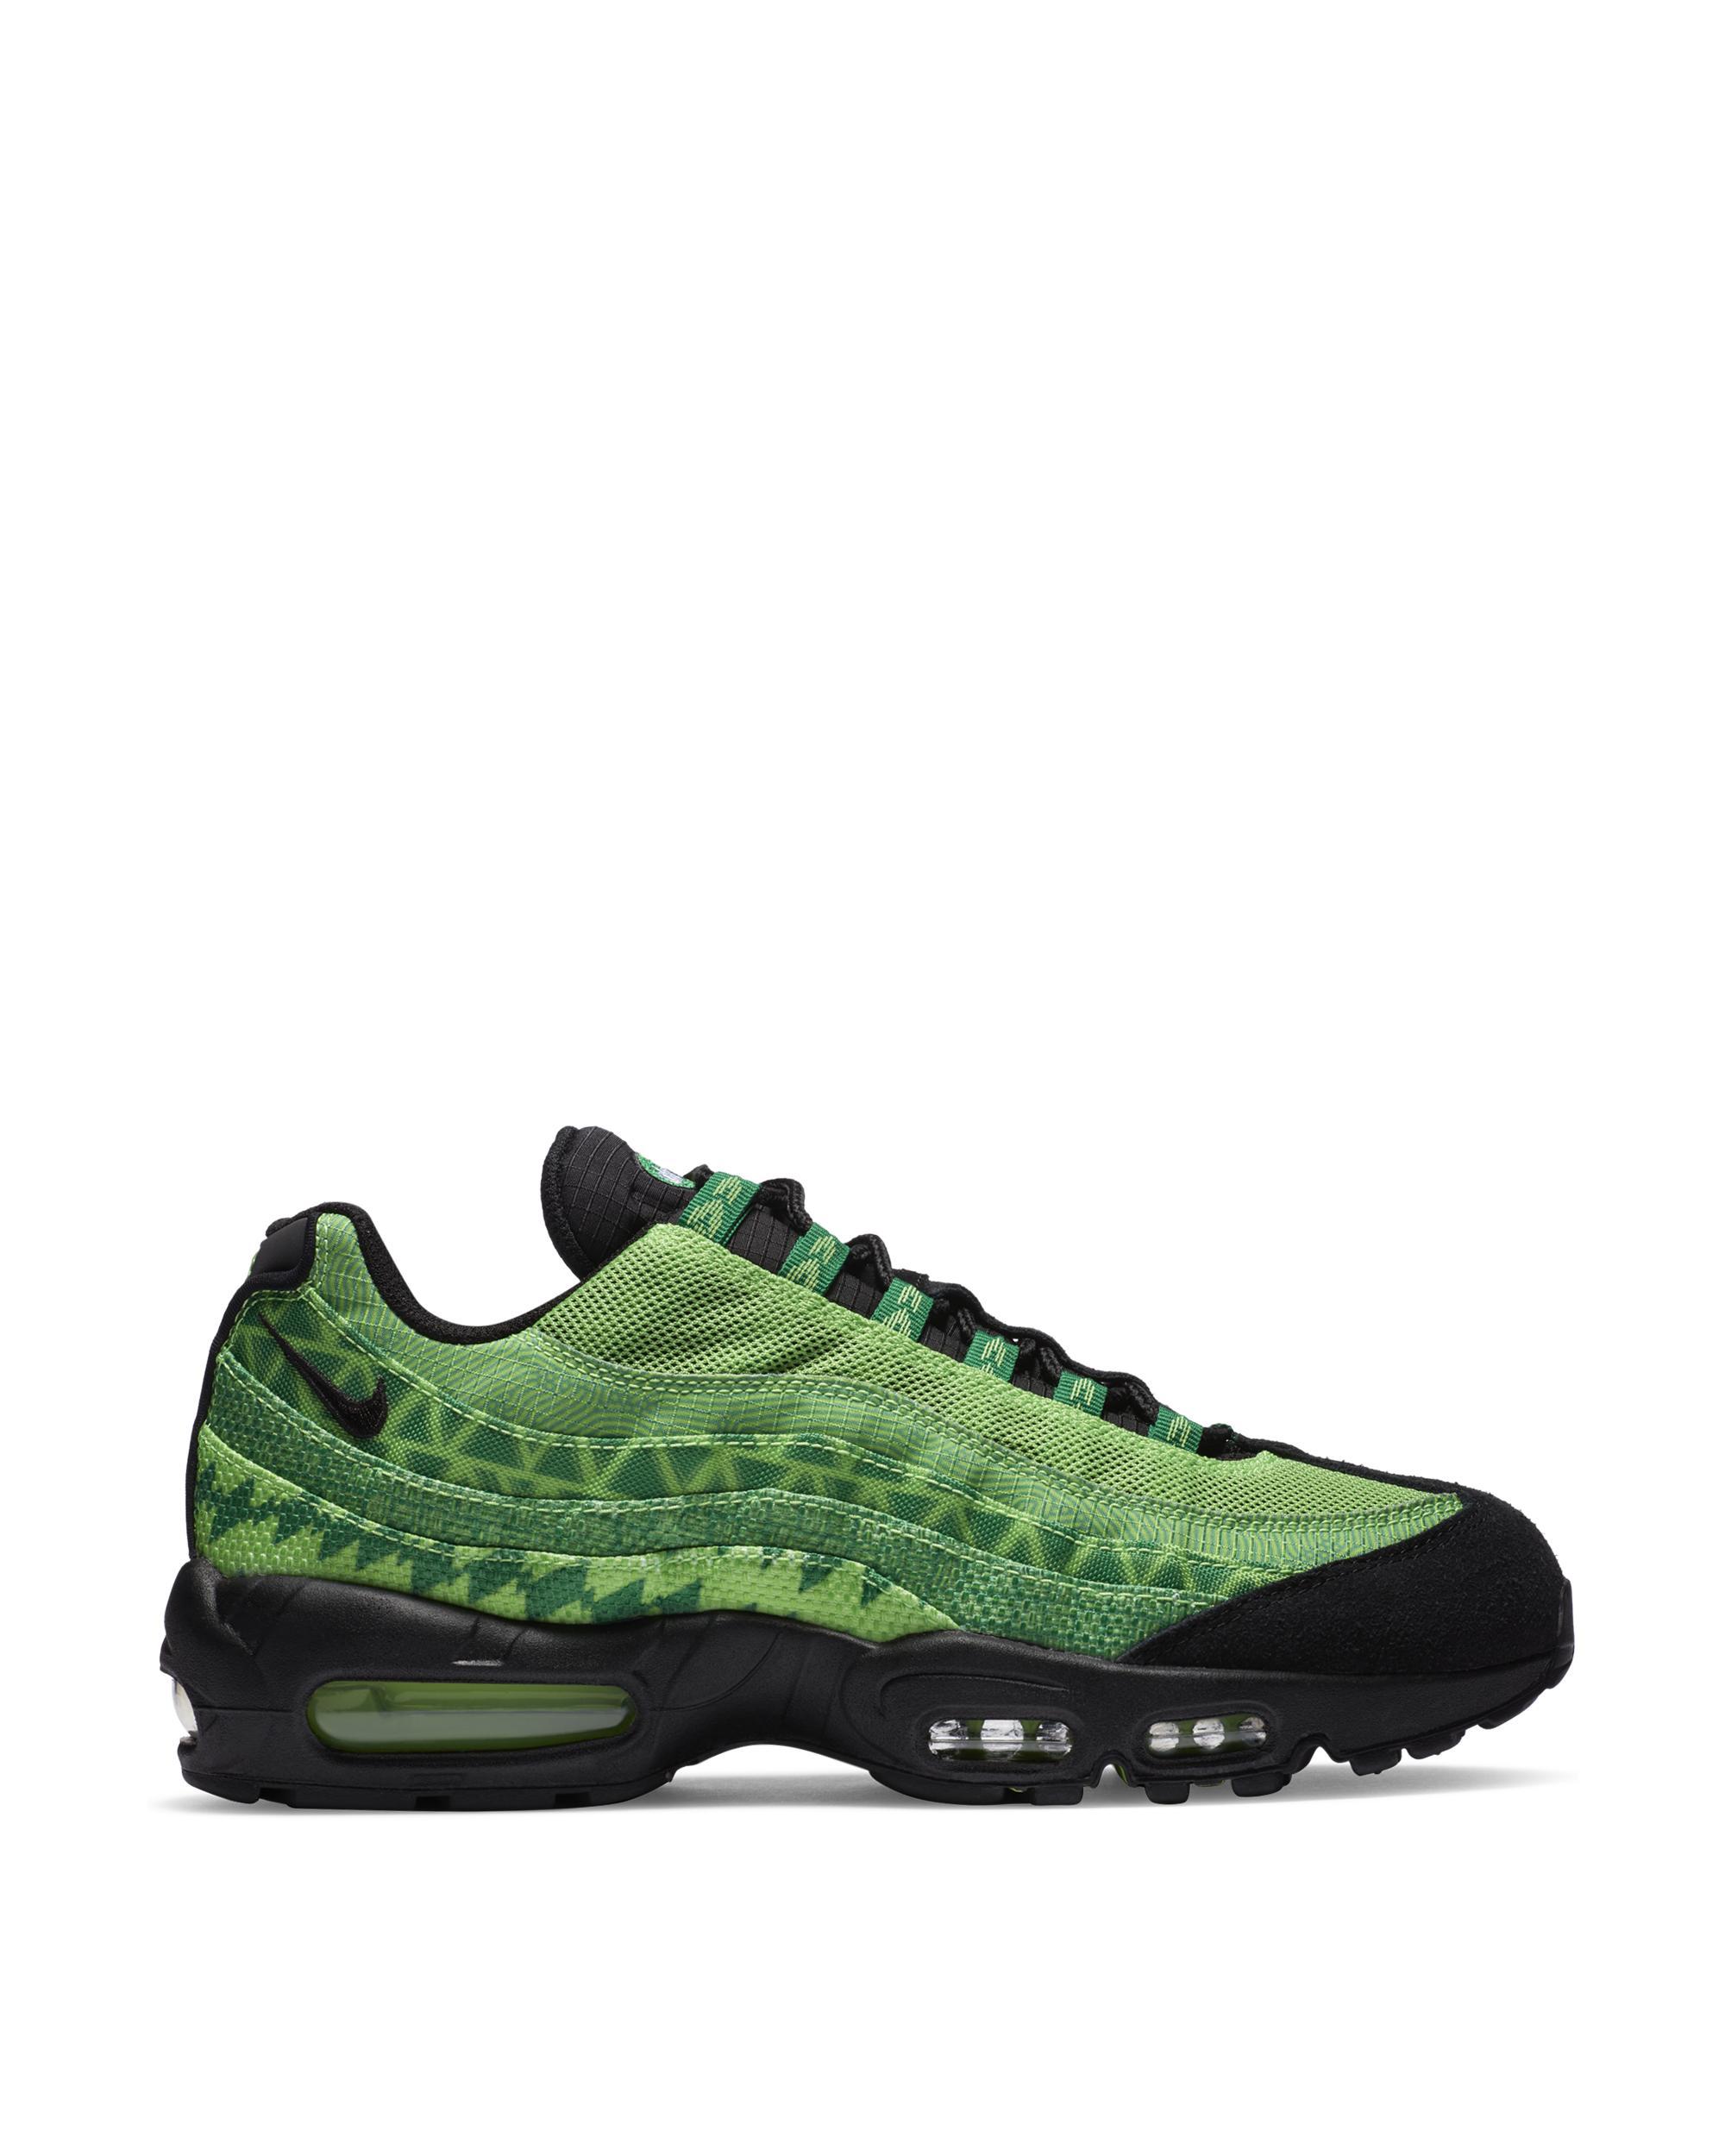 Air Max 95 Nigeria Low-top sneakers